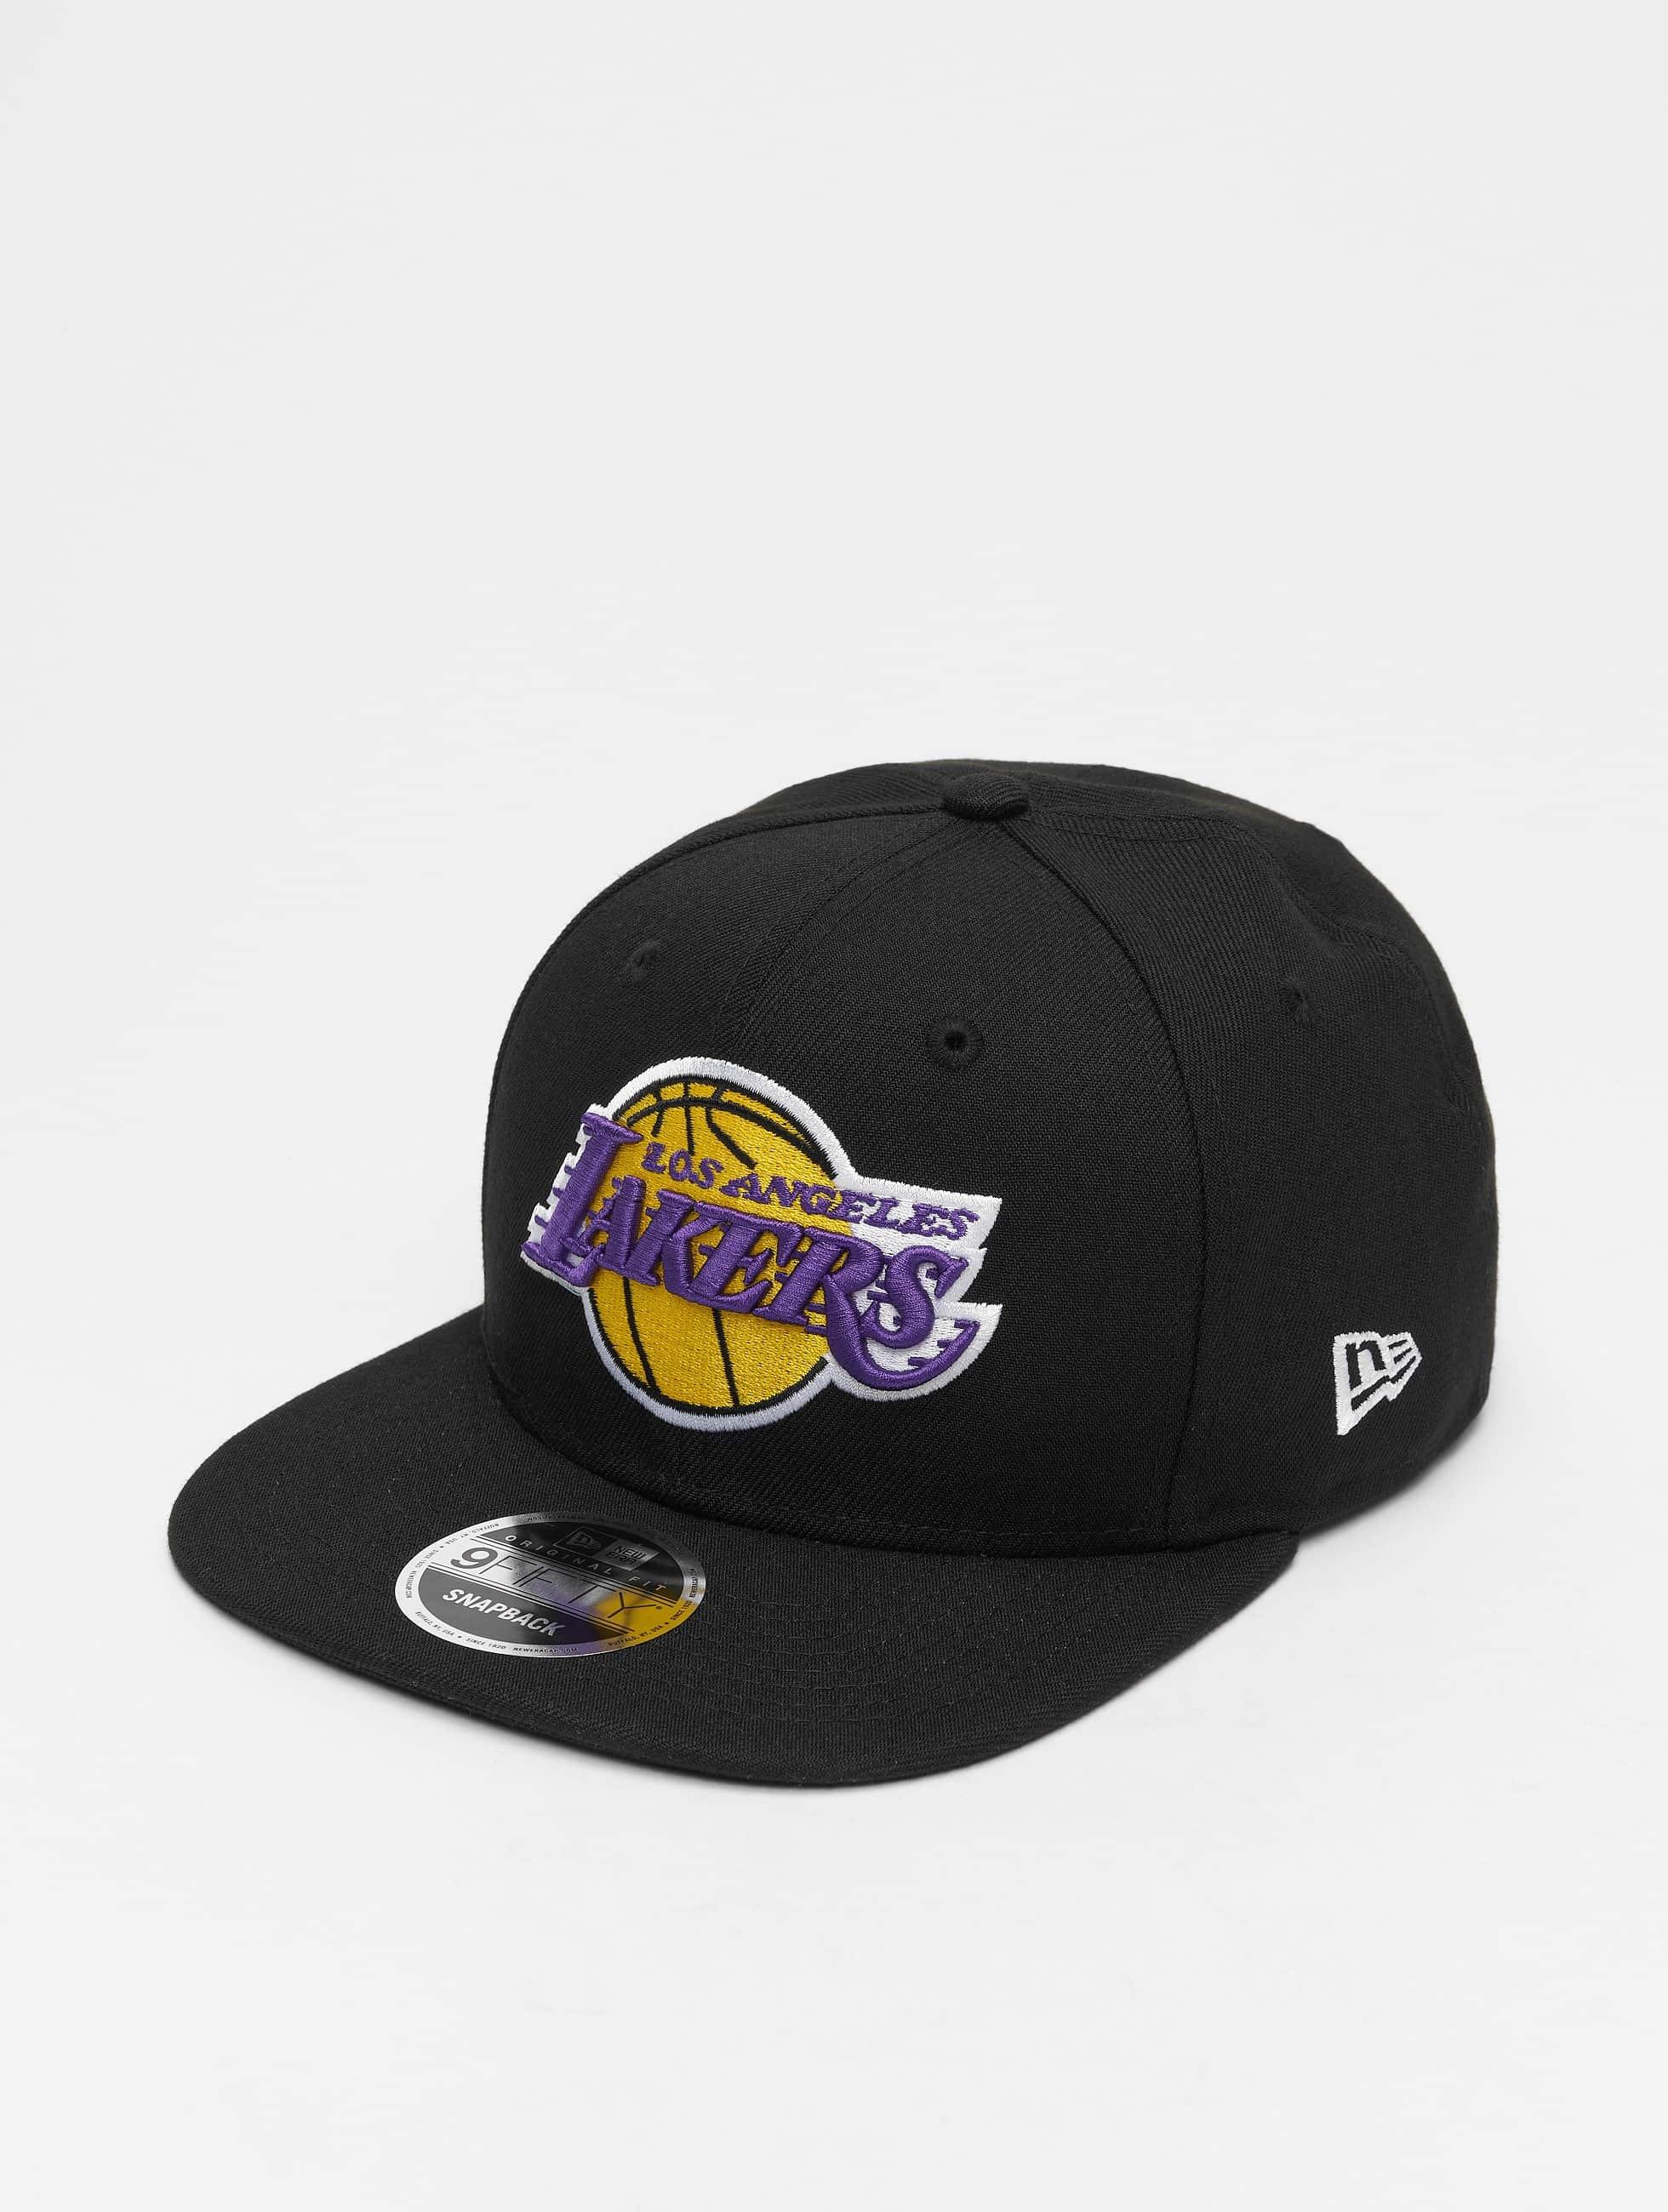 d7ac35bdb67bf New Era   NBA LA Lakers 9Fifty Original Fit noir Casquette Snapback    Strapback 579982